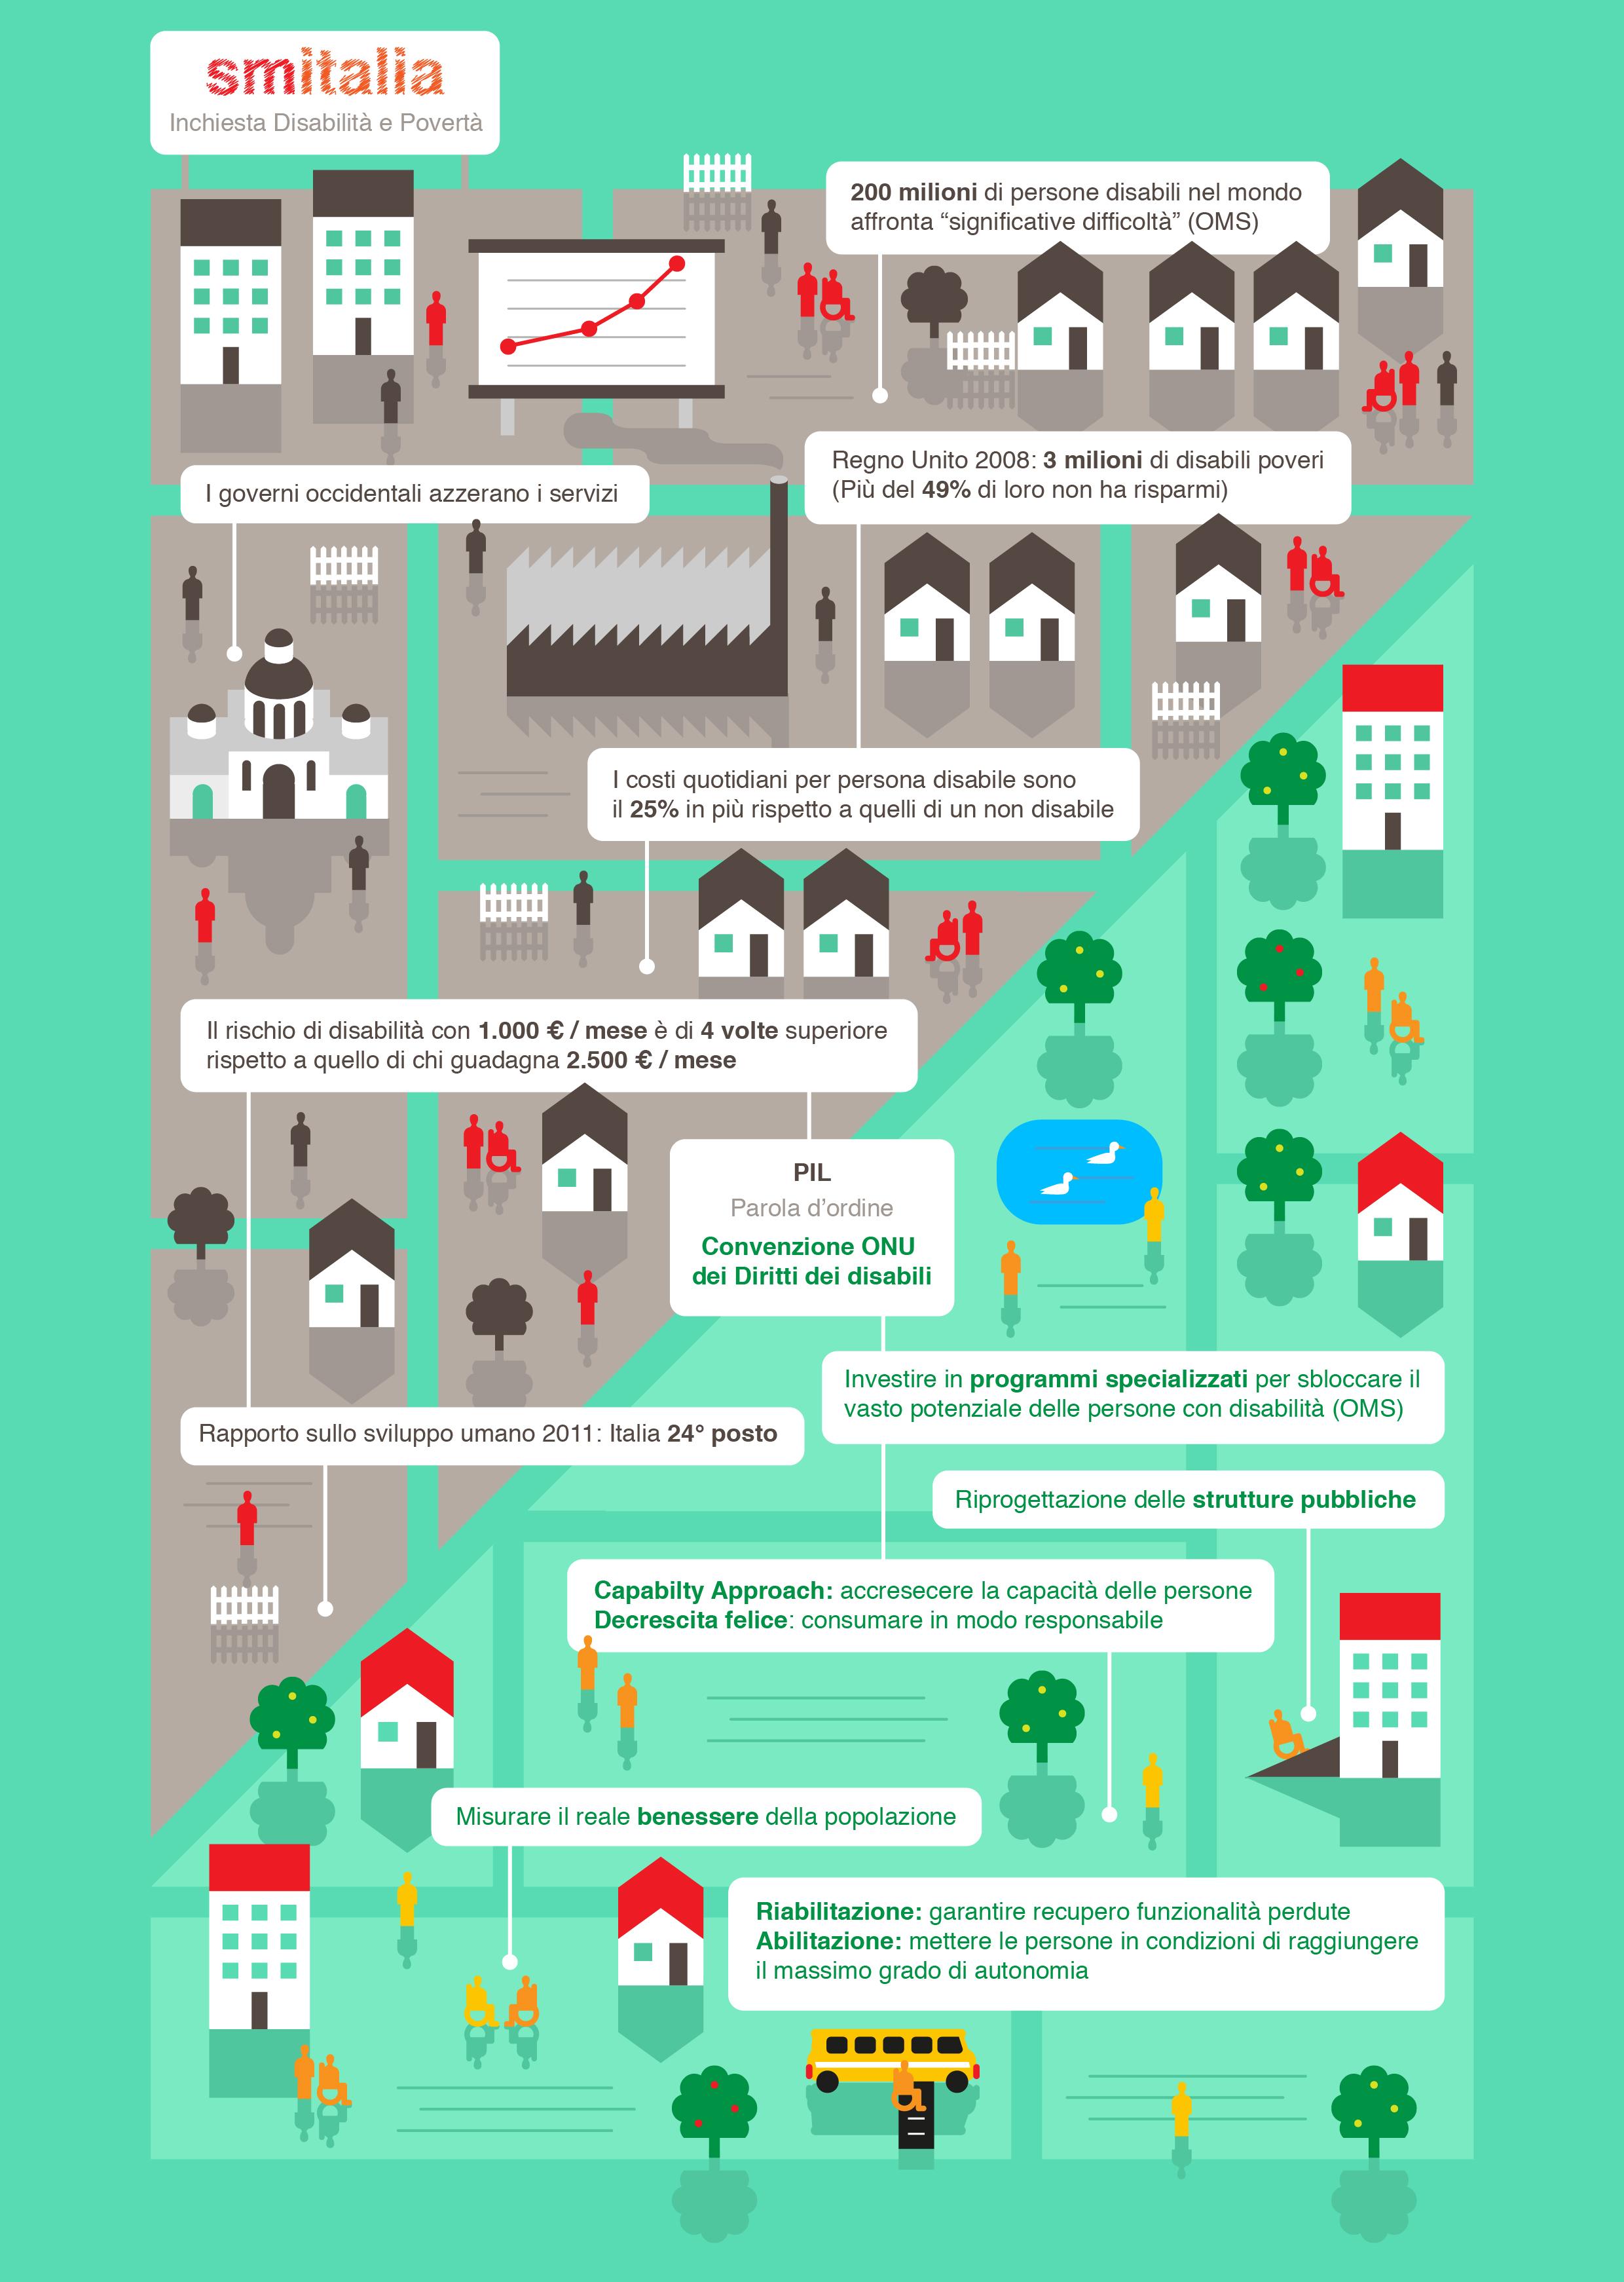 Sm Italia 2/2012 - infografica su disabilità e povertà